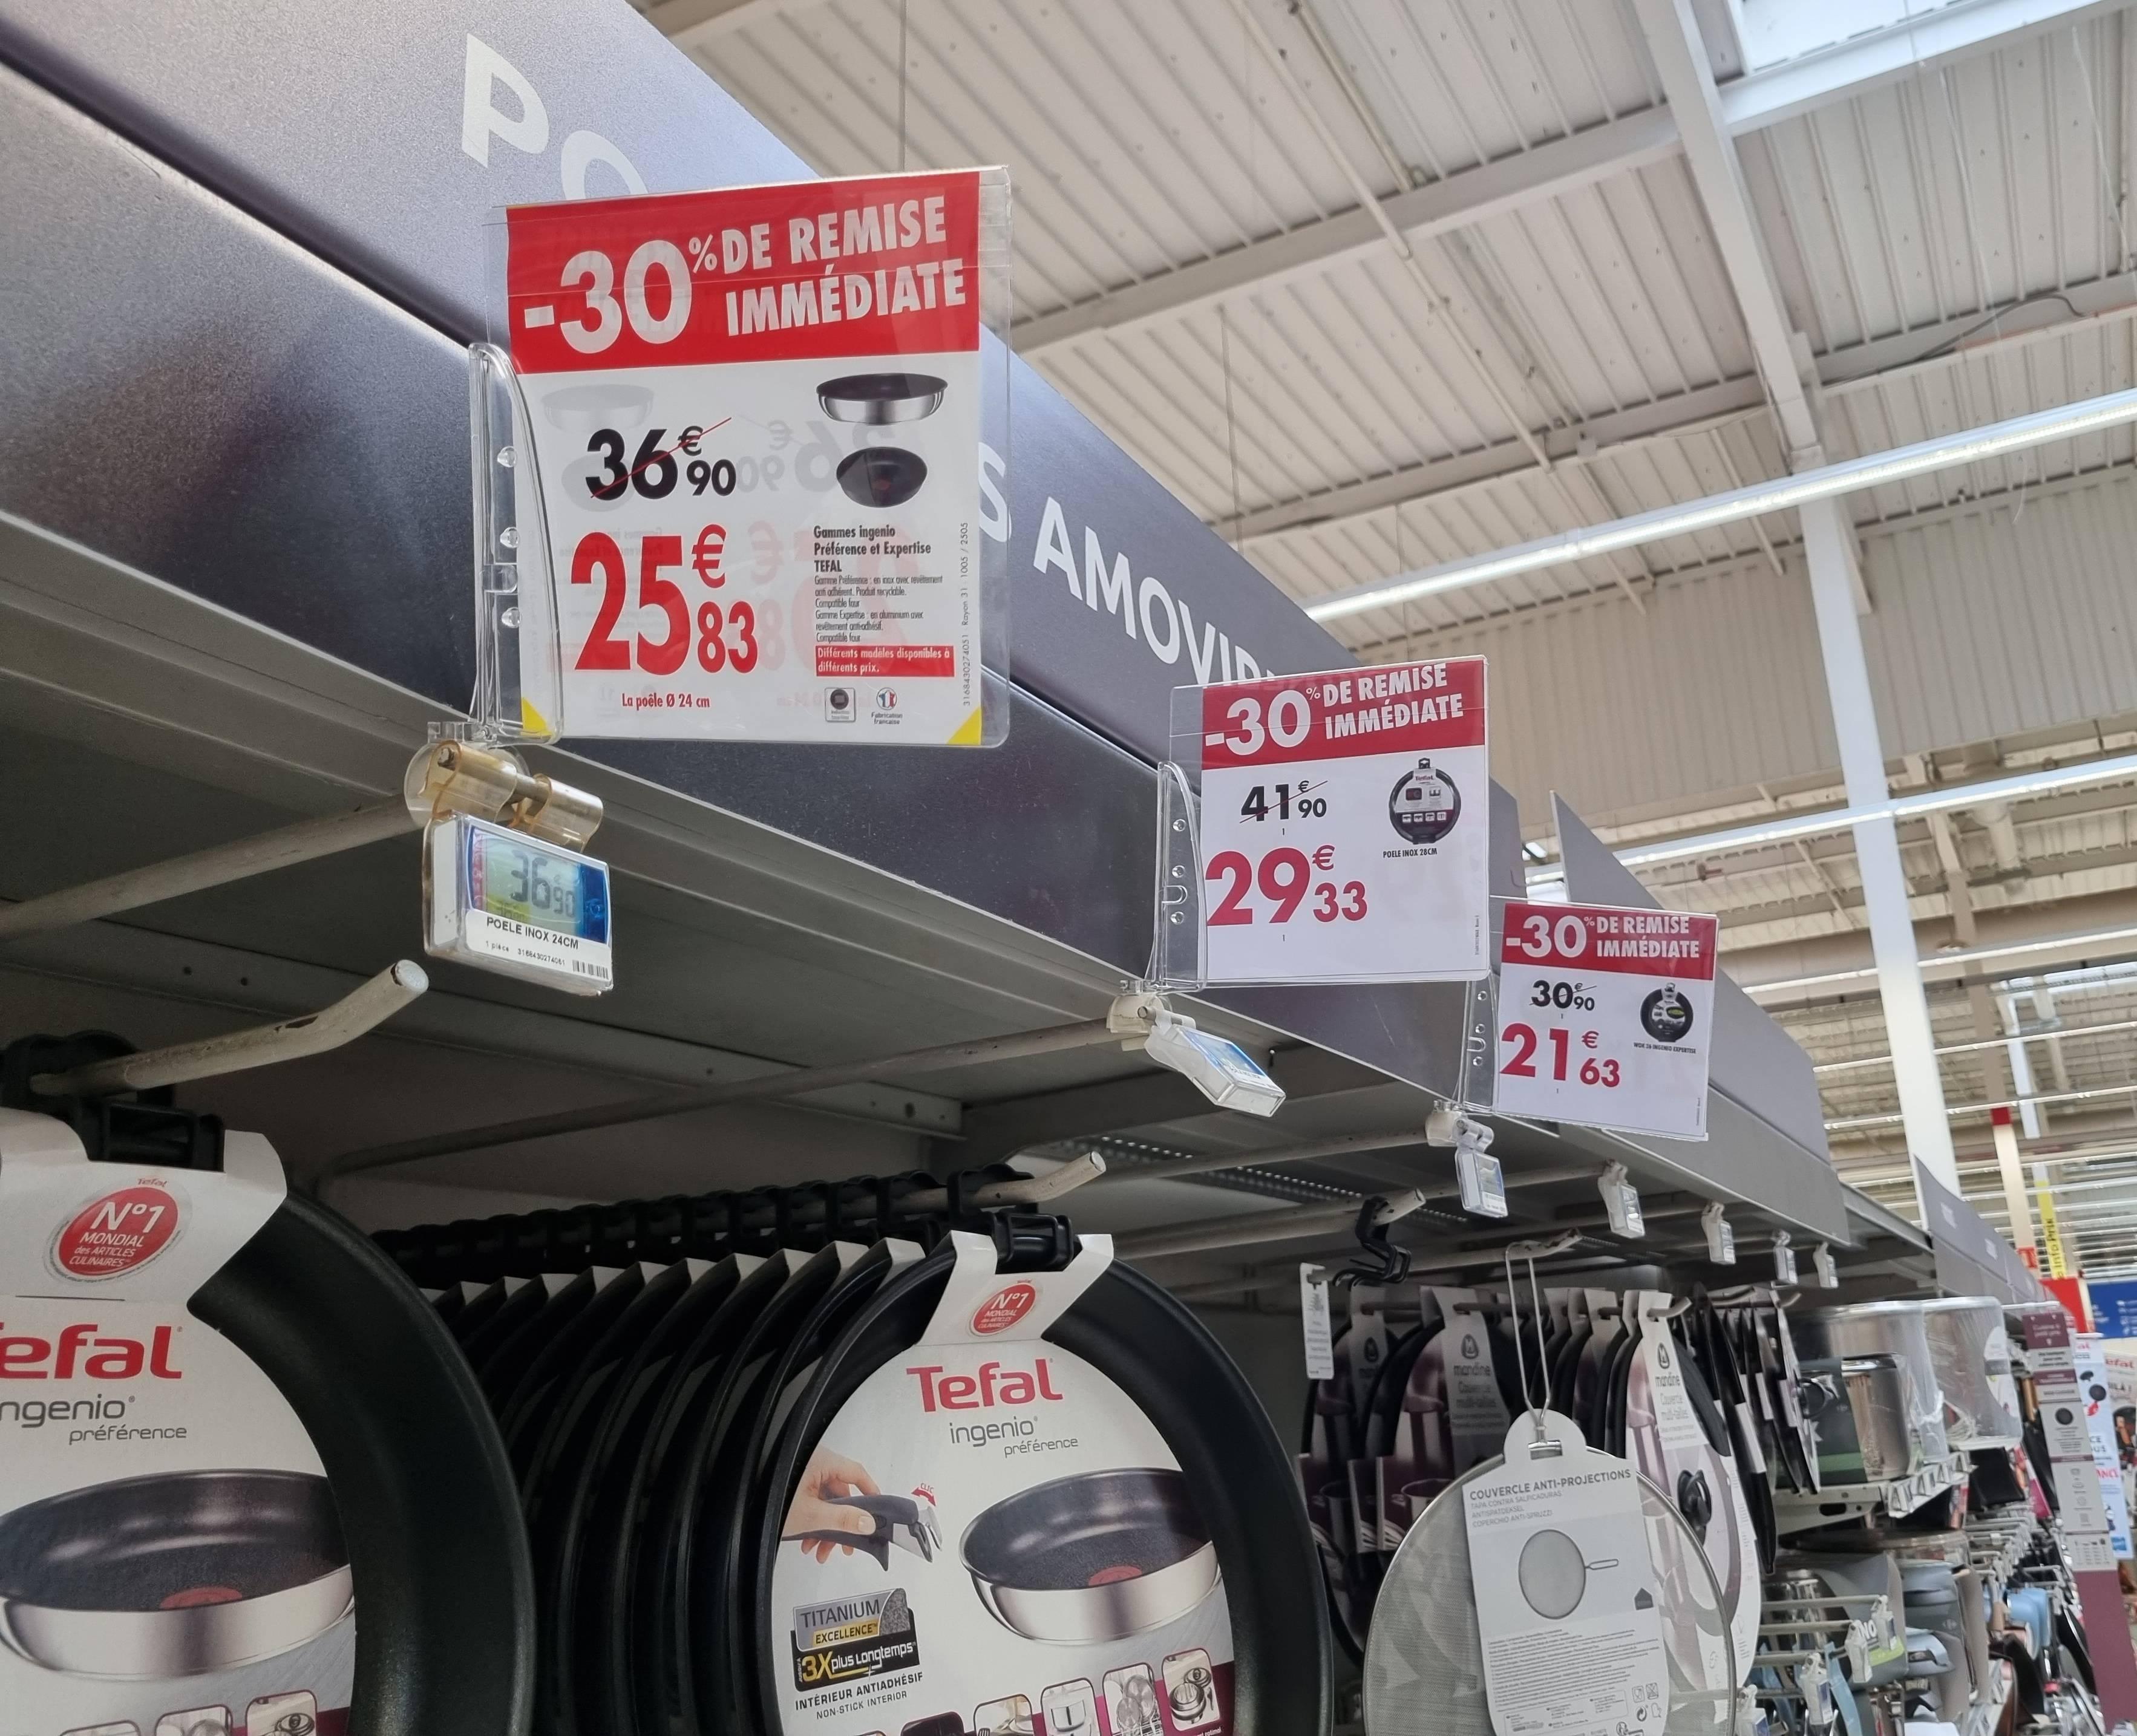 30% de réduction sur une sélection de produits Tefal Ingenio Préférence et Expertise - Ex : Poêle Inox 28cm - Portet sur Garonne (31)